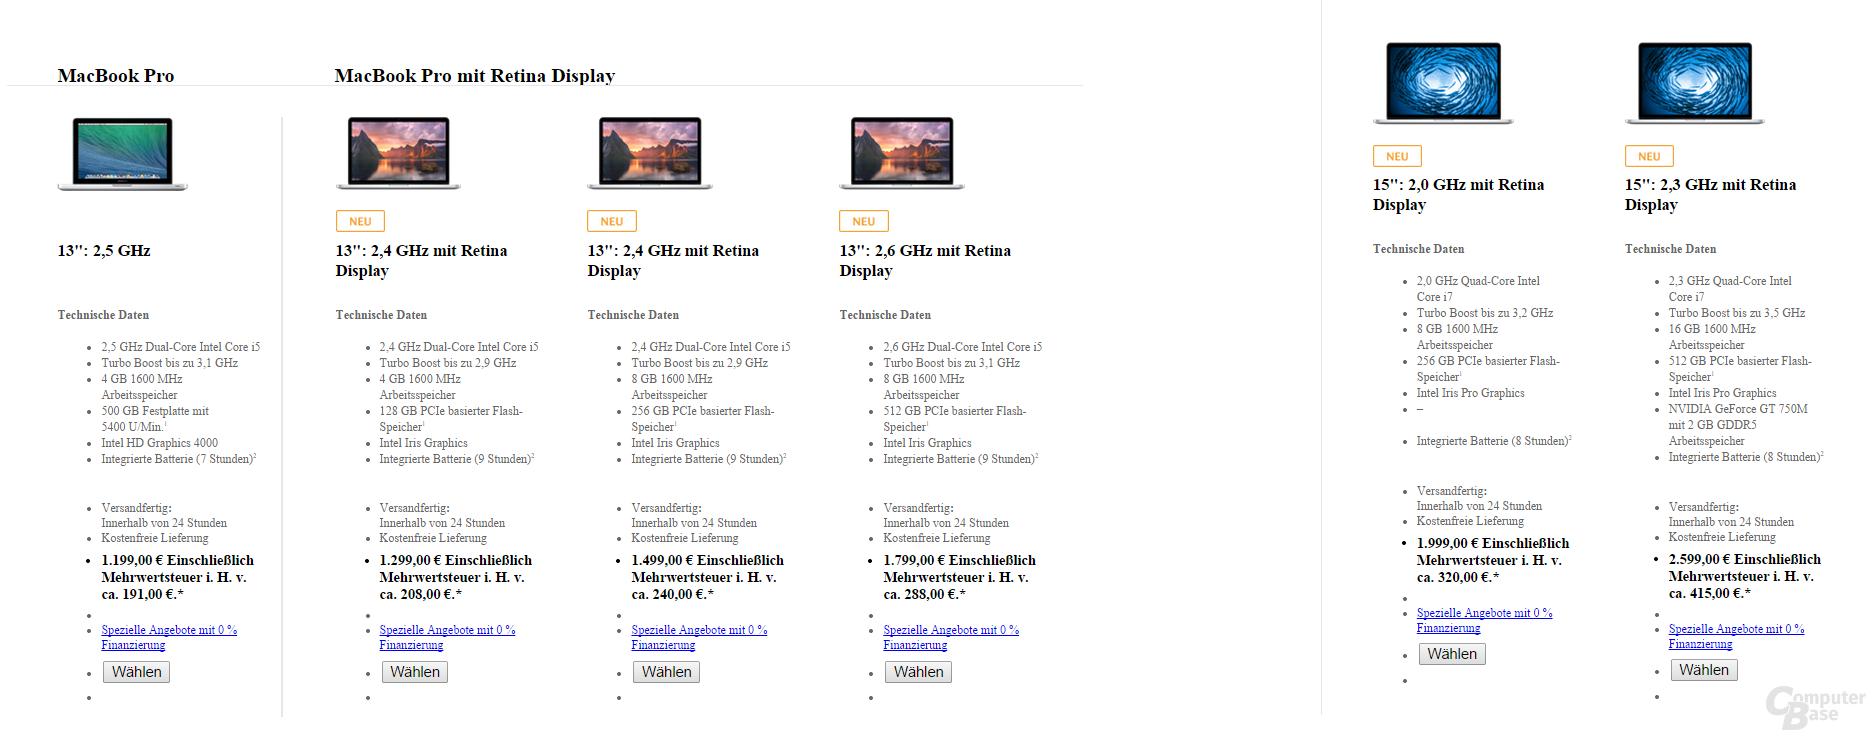 MacBook-Sortiment bis 28.07.2014